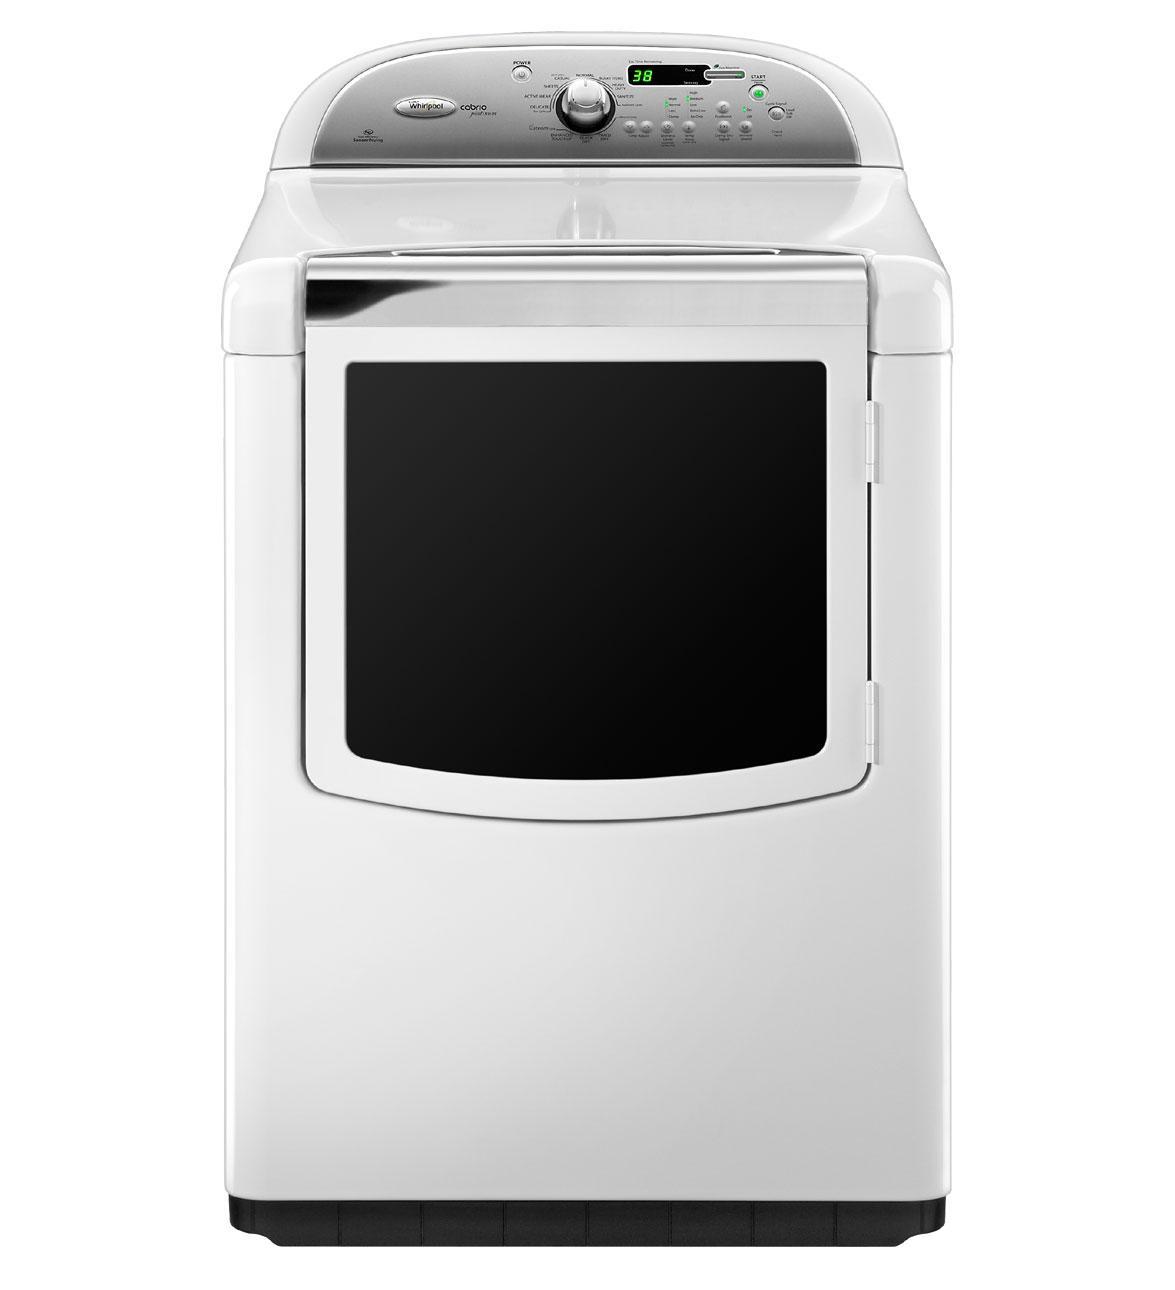 Wgd8600yw Whirlpool Wgd8600yw Cabrio Gas Dryers